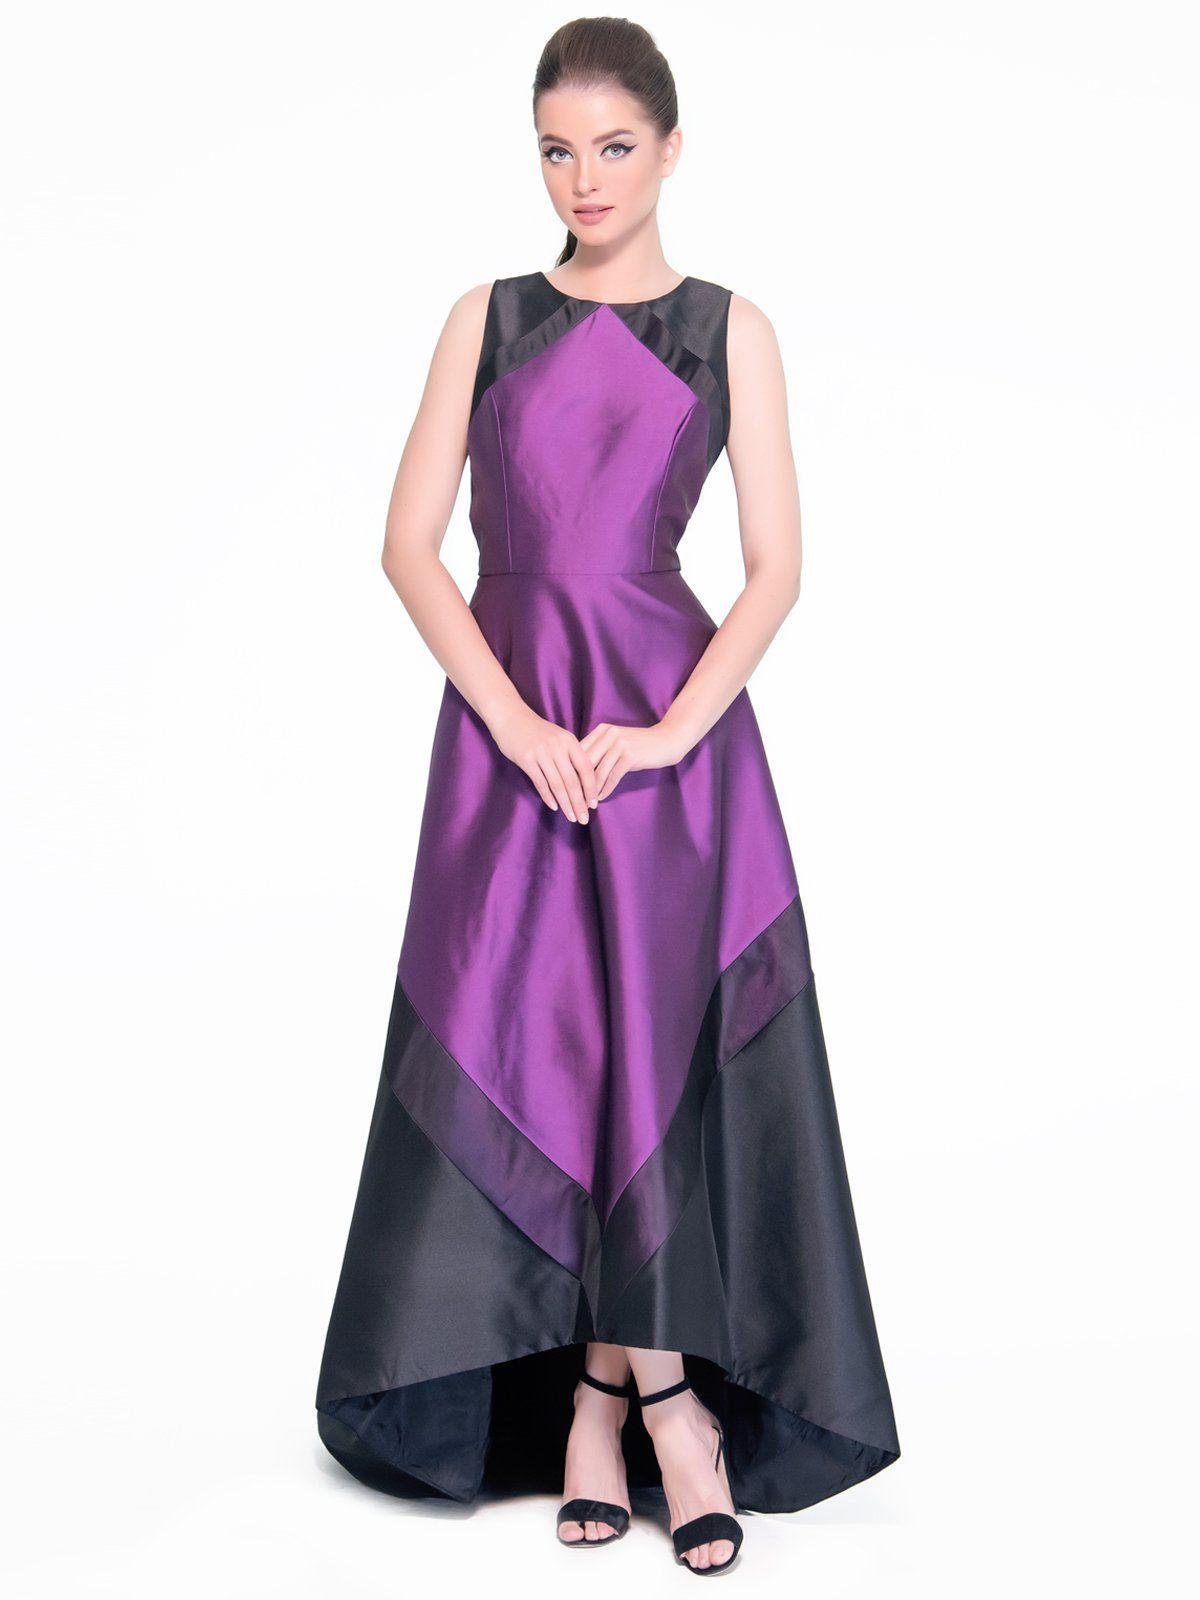 Moderno Vestido De Novia De Jasper Conran Inspiración - Vestido de ...